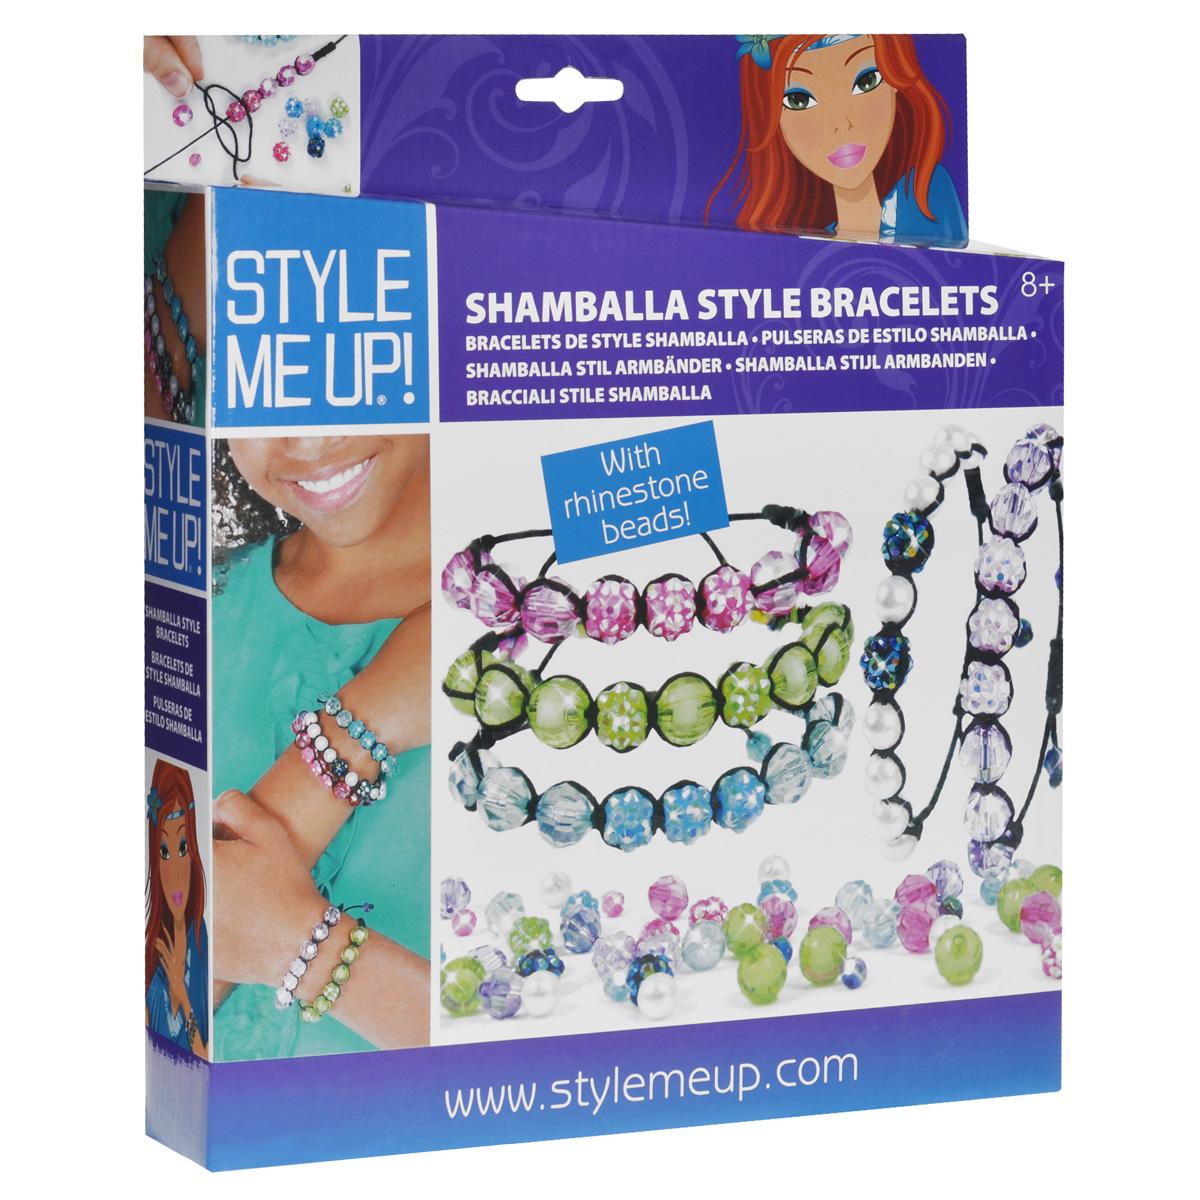 Набор для создания браслетов Style Me Up. 620620Набор для создания украшений Style Me Up, несомненно, привлечет внимание вашей малышки, ведь с его помощью она сможет создать стильные браслеты. Набор состоит из бусинок различной формы, размера и цвета, а также веревочек и основ для браслетов. Украшения, созданные своими руками, привлекут внимание окружающих и могут стать отличным подарком друзьям и близким.